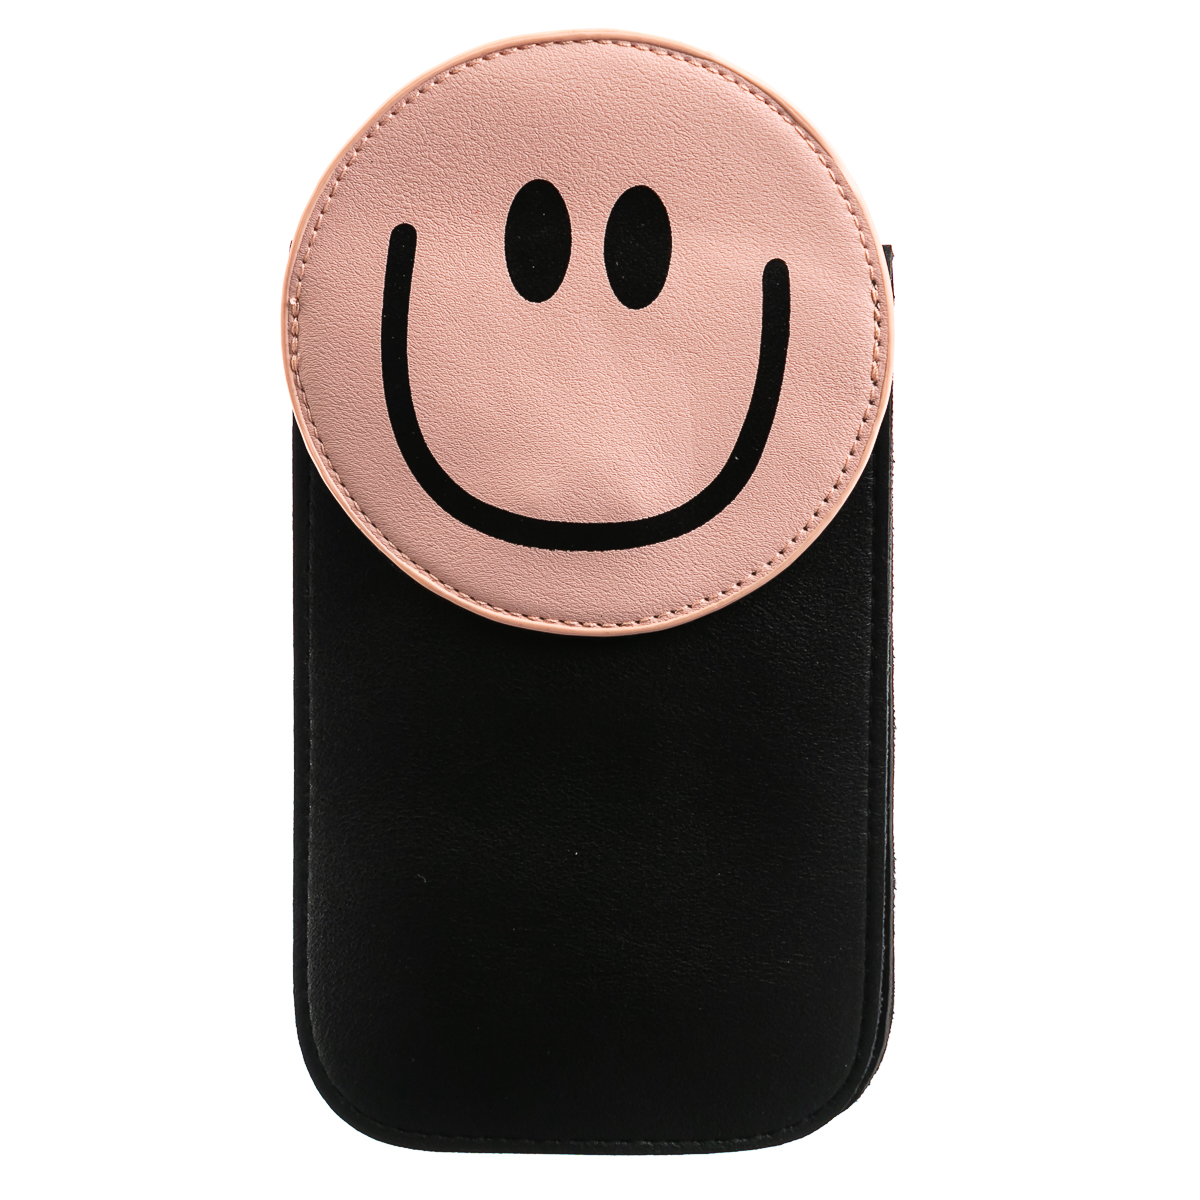 Сумочка для мобильного, длинная, со смайликом - розовая